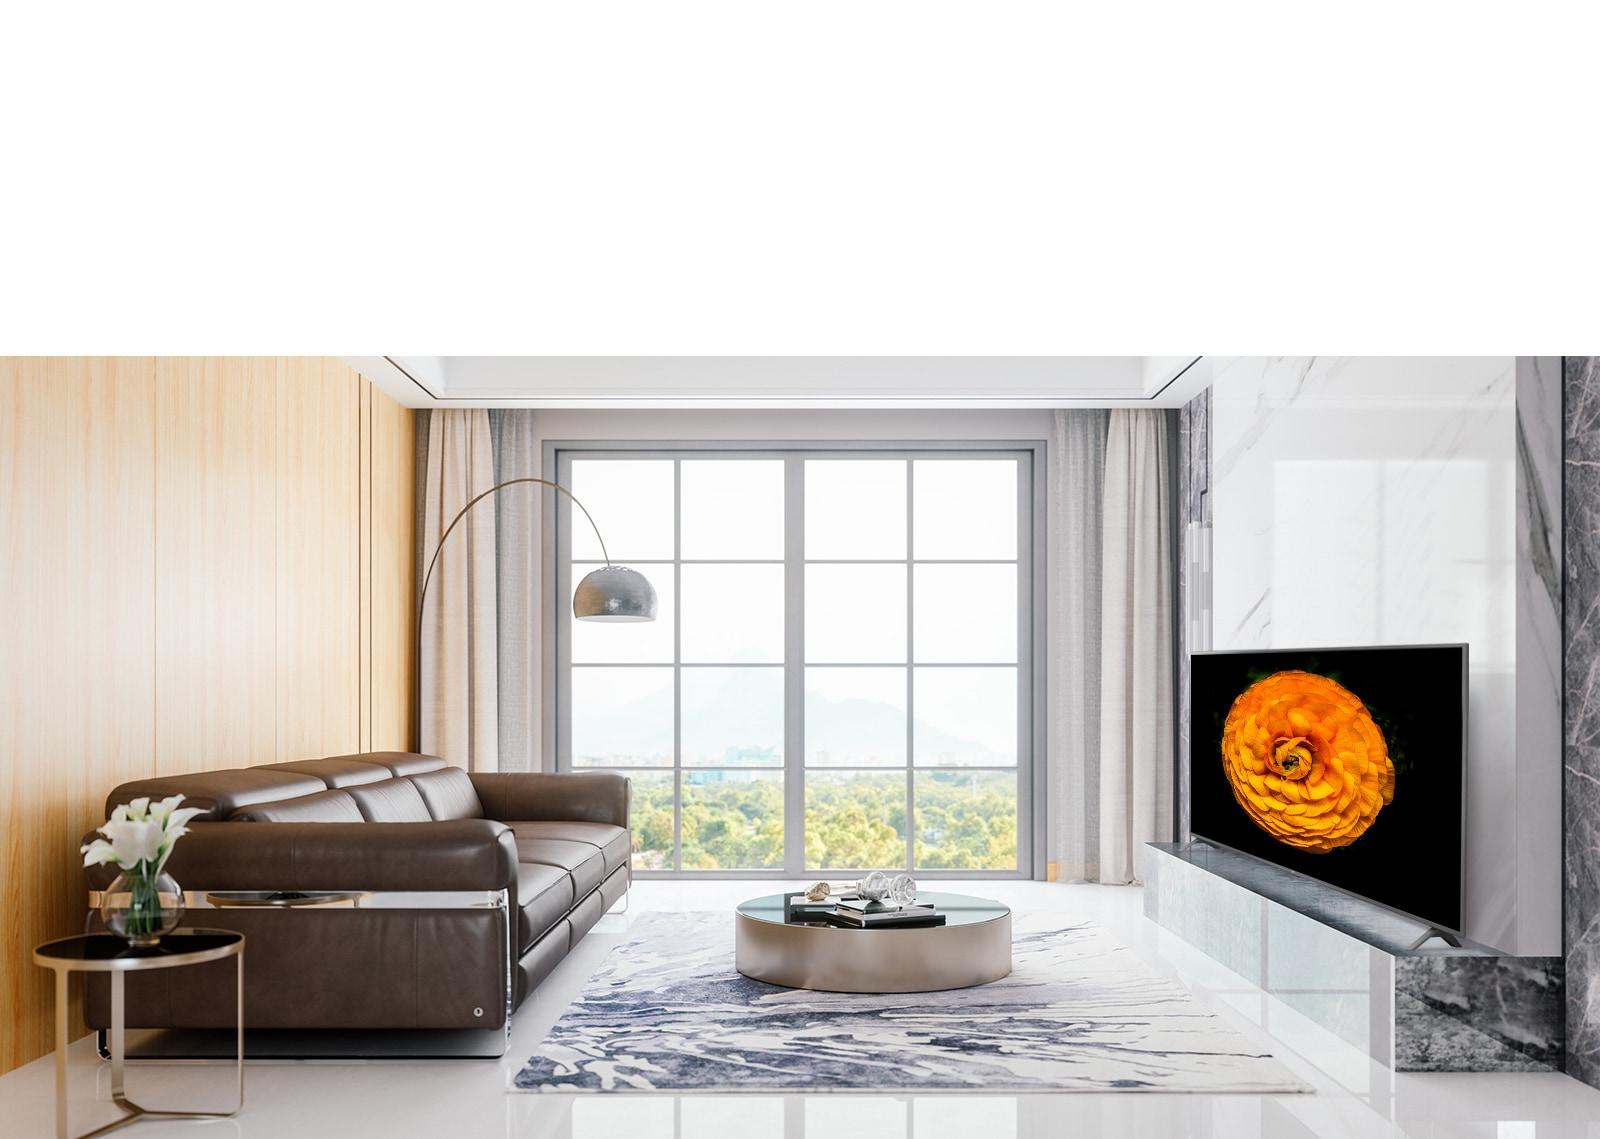 تلفزيون UHD من إل جي مثبت على جدار بغرفة المعيشة مع جزء داخلي صغير. صورة إحدى الورود تظهر على شاشة التلفزيون.